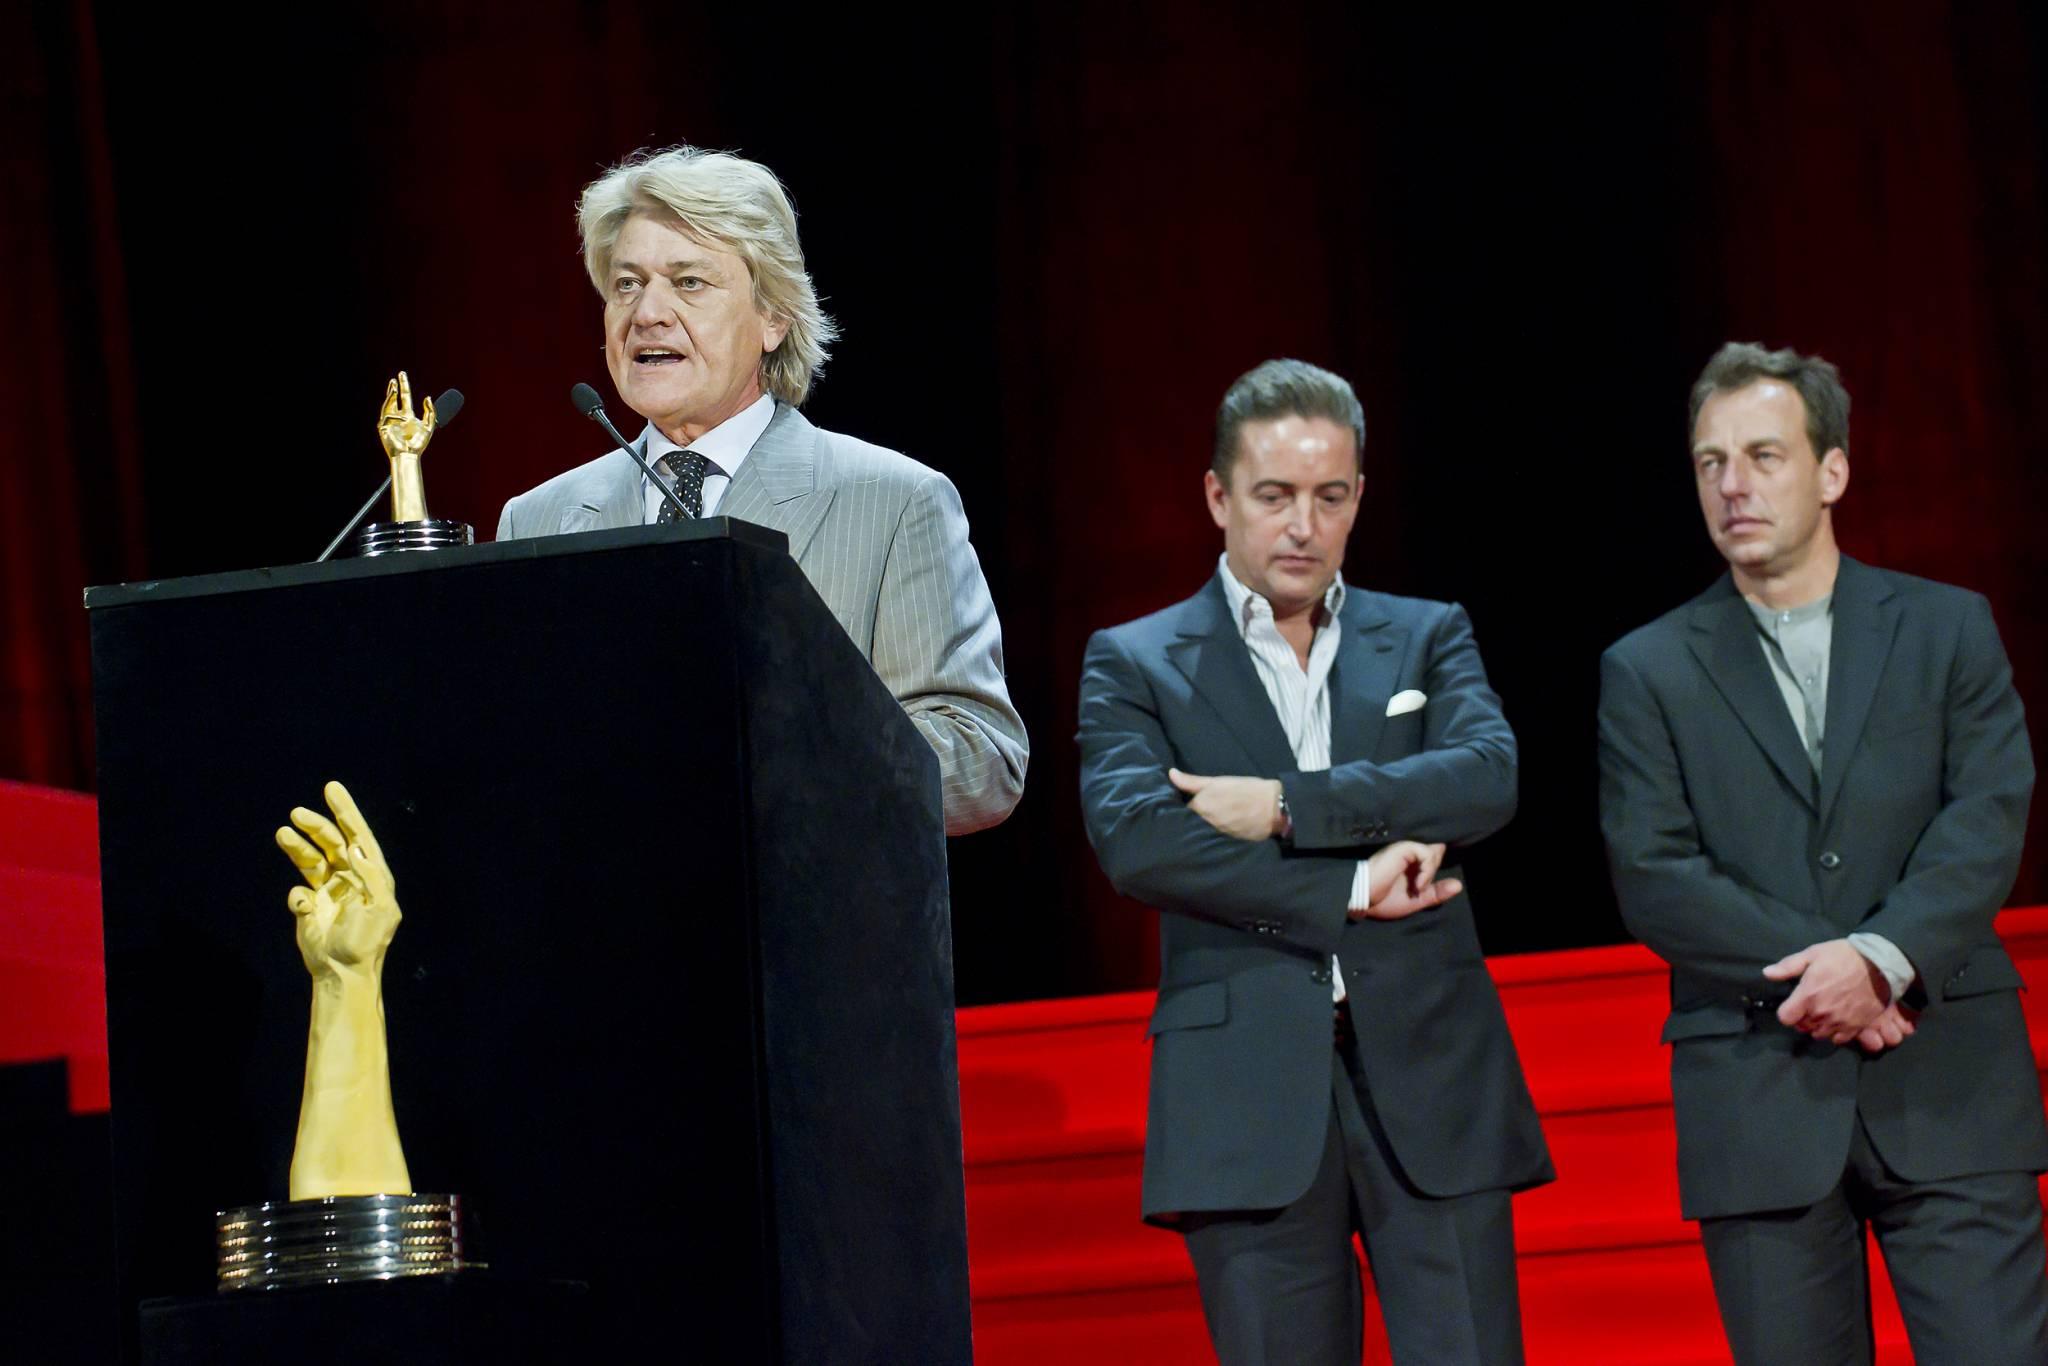 David Zanetta, co-fondateur de la marque De Bethune, lauréate du Grand Prix de l'Aiguille d'Or 2011, accompagné de Pierre Jacques et Denis Flageollet